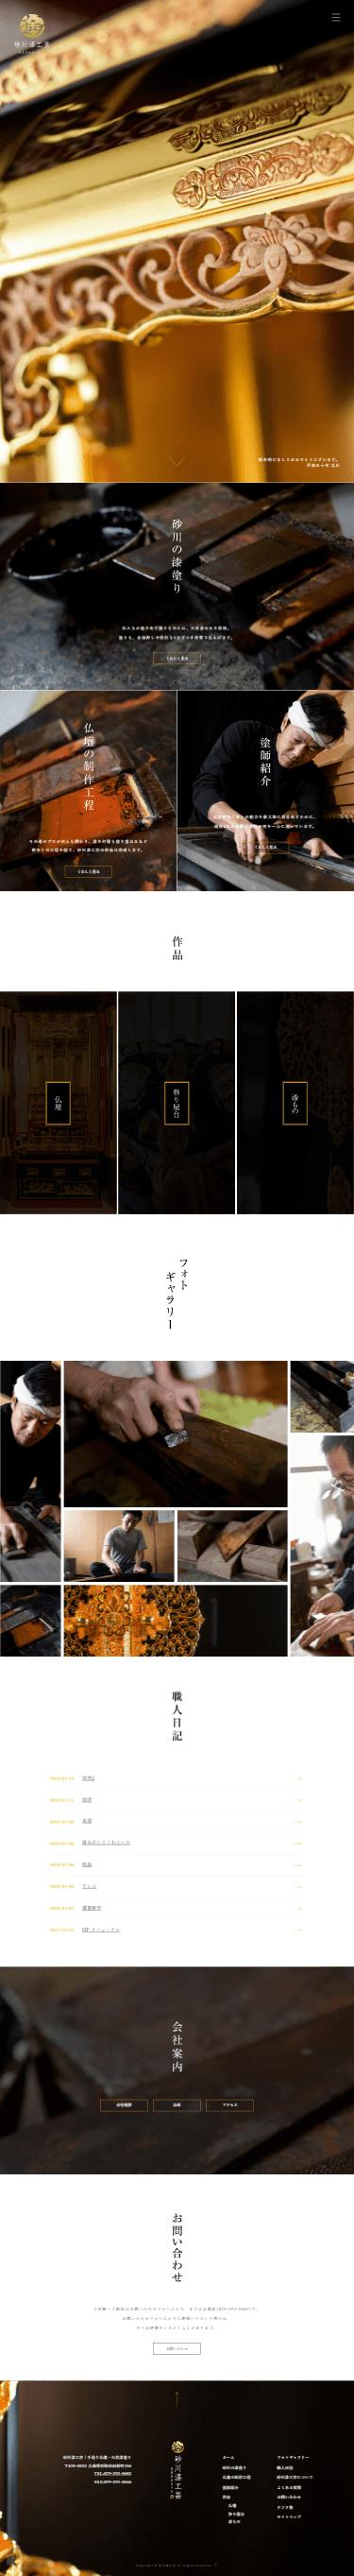 姫路市 砂川漆工芸/砂川仏檀店様 ホームページ制作3